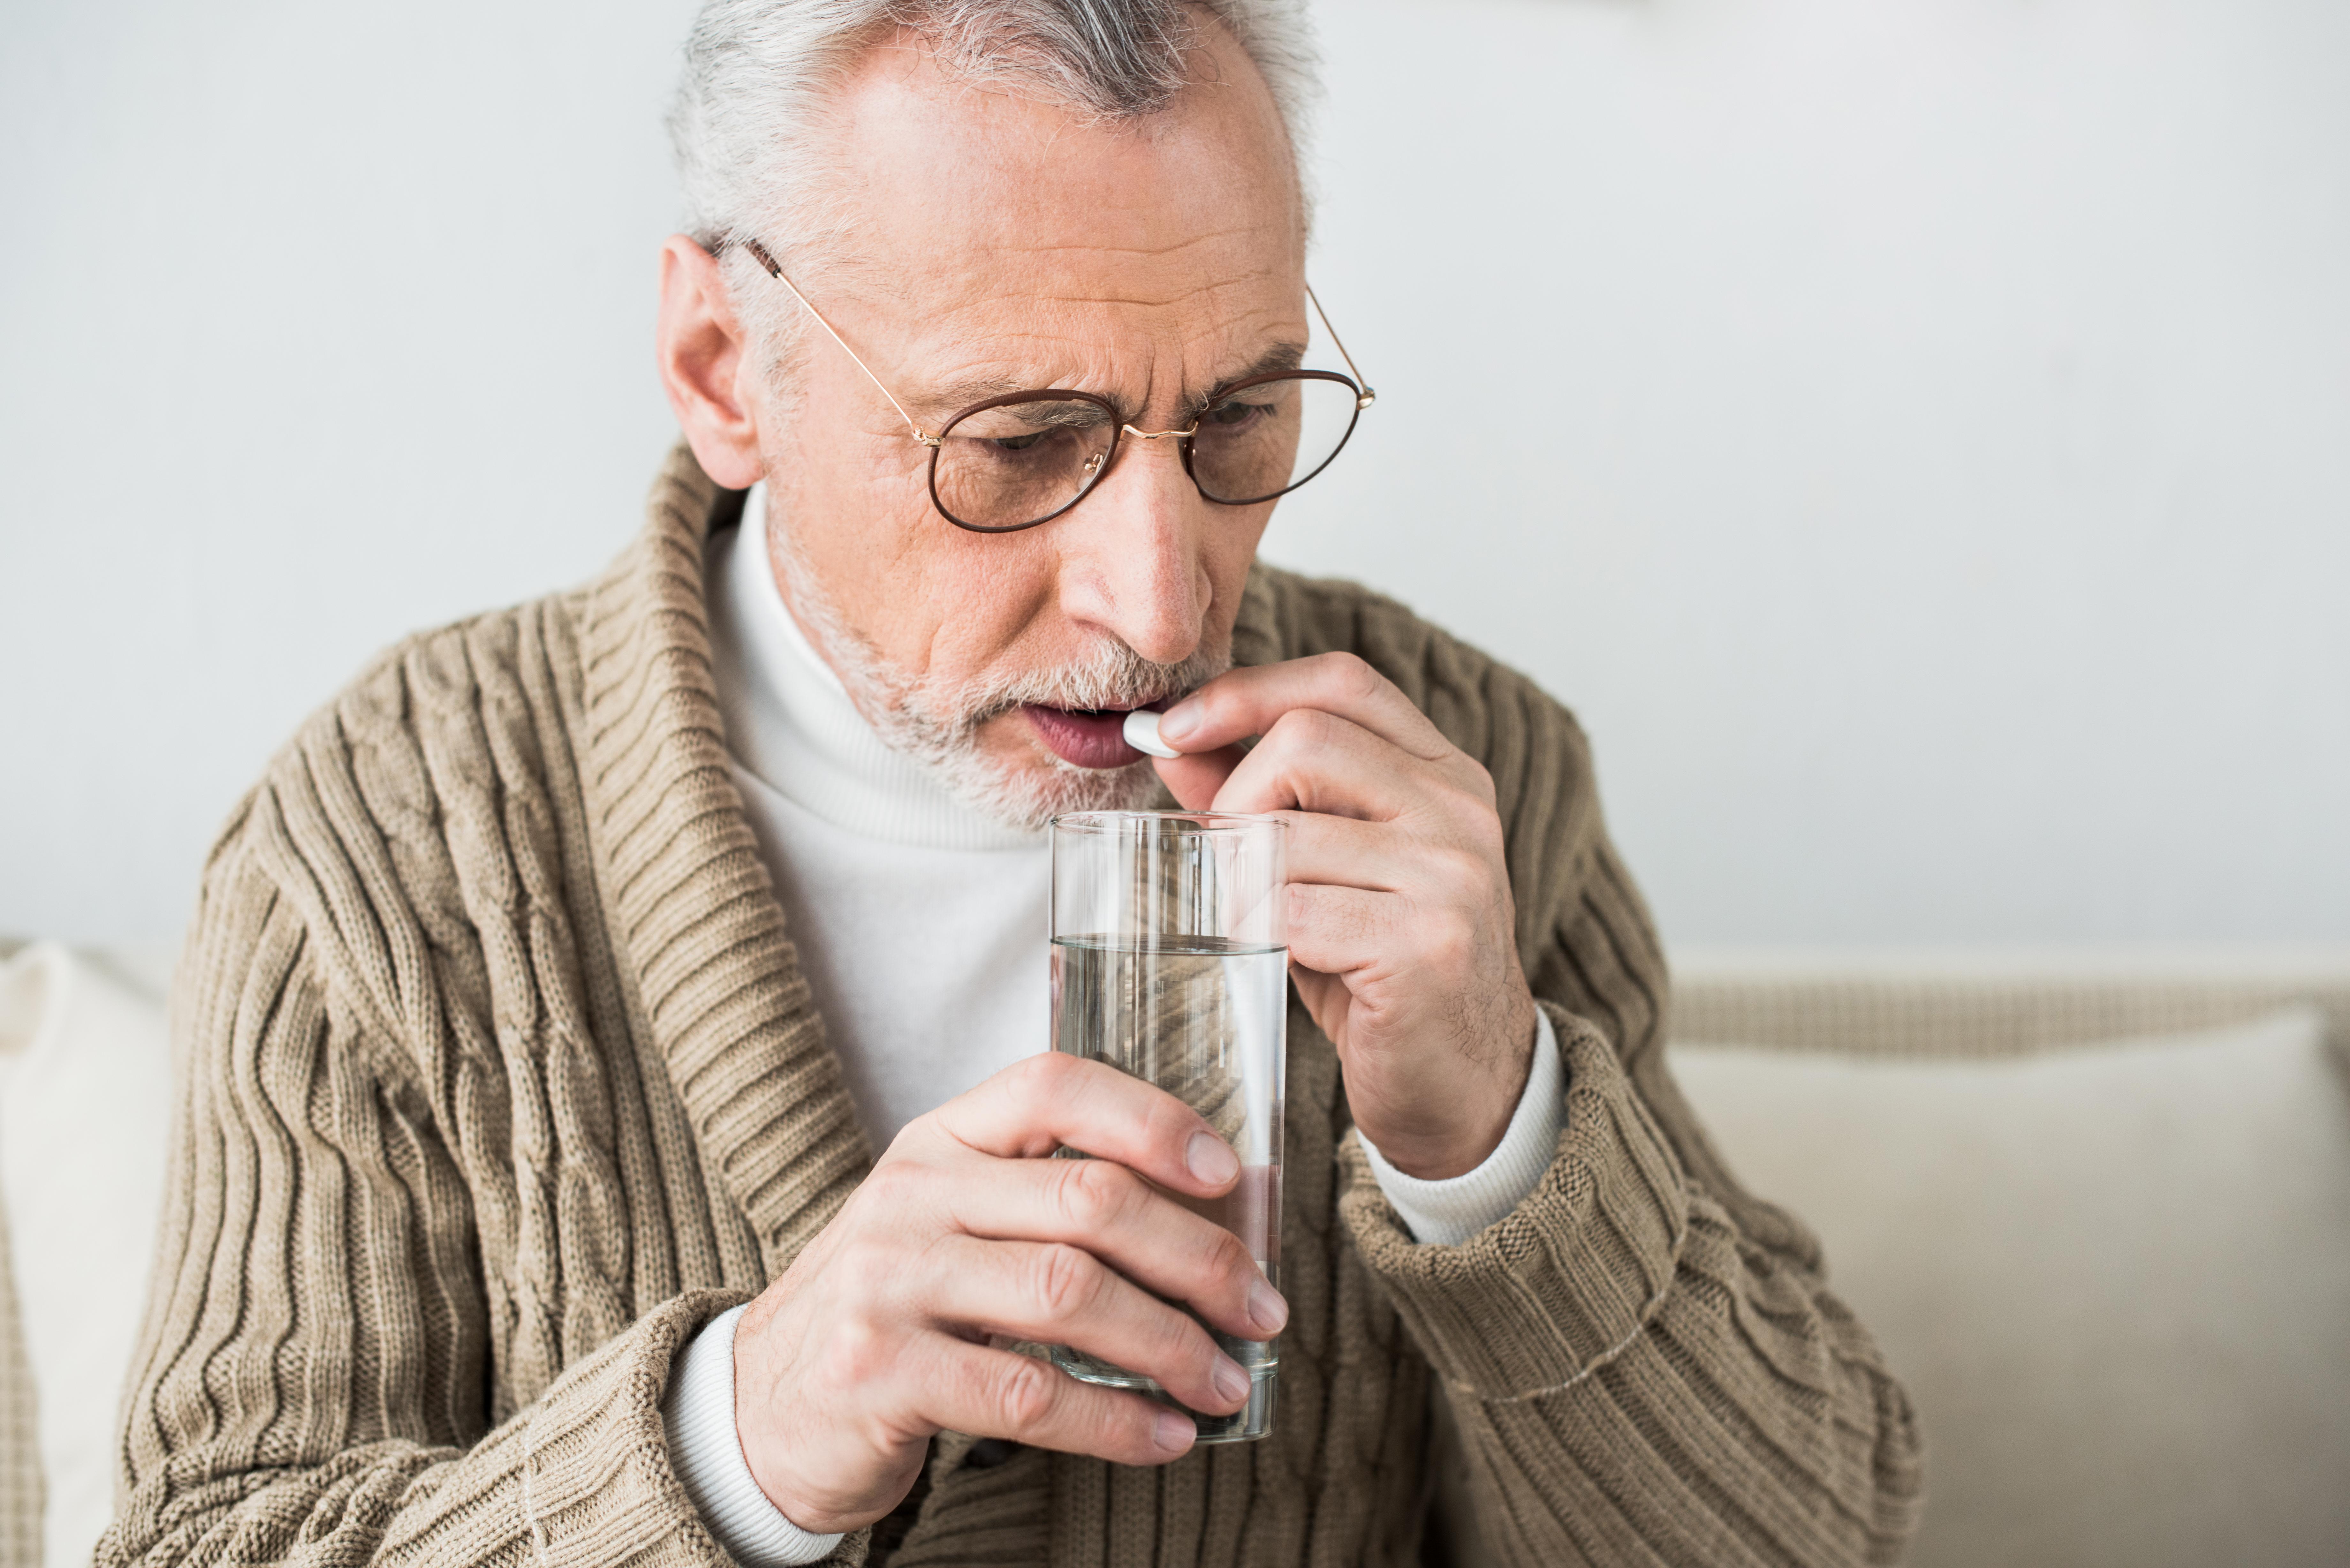 Under perioden 2006-2014 registrerades drygt 600 fall av läkemedelsframkallad TdP-hjärtarytmi.